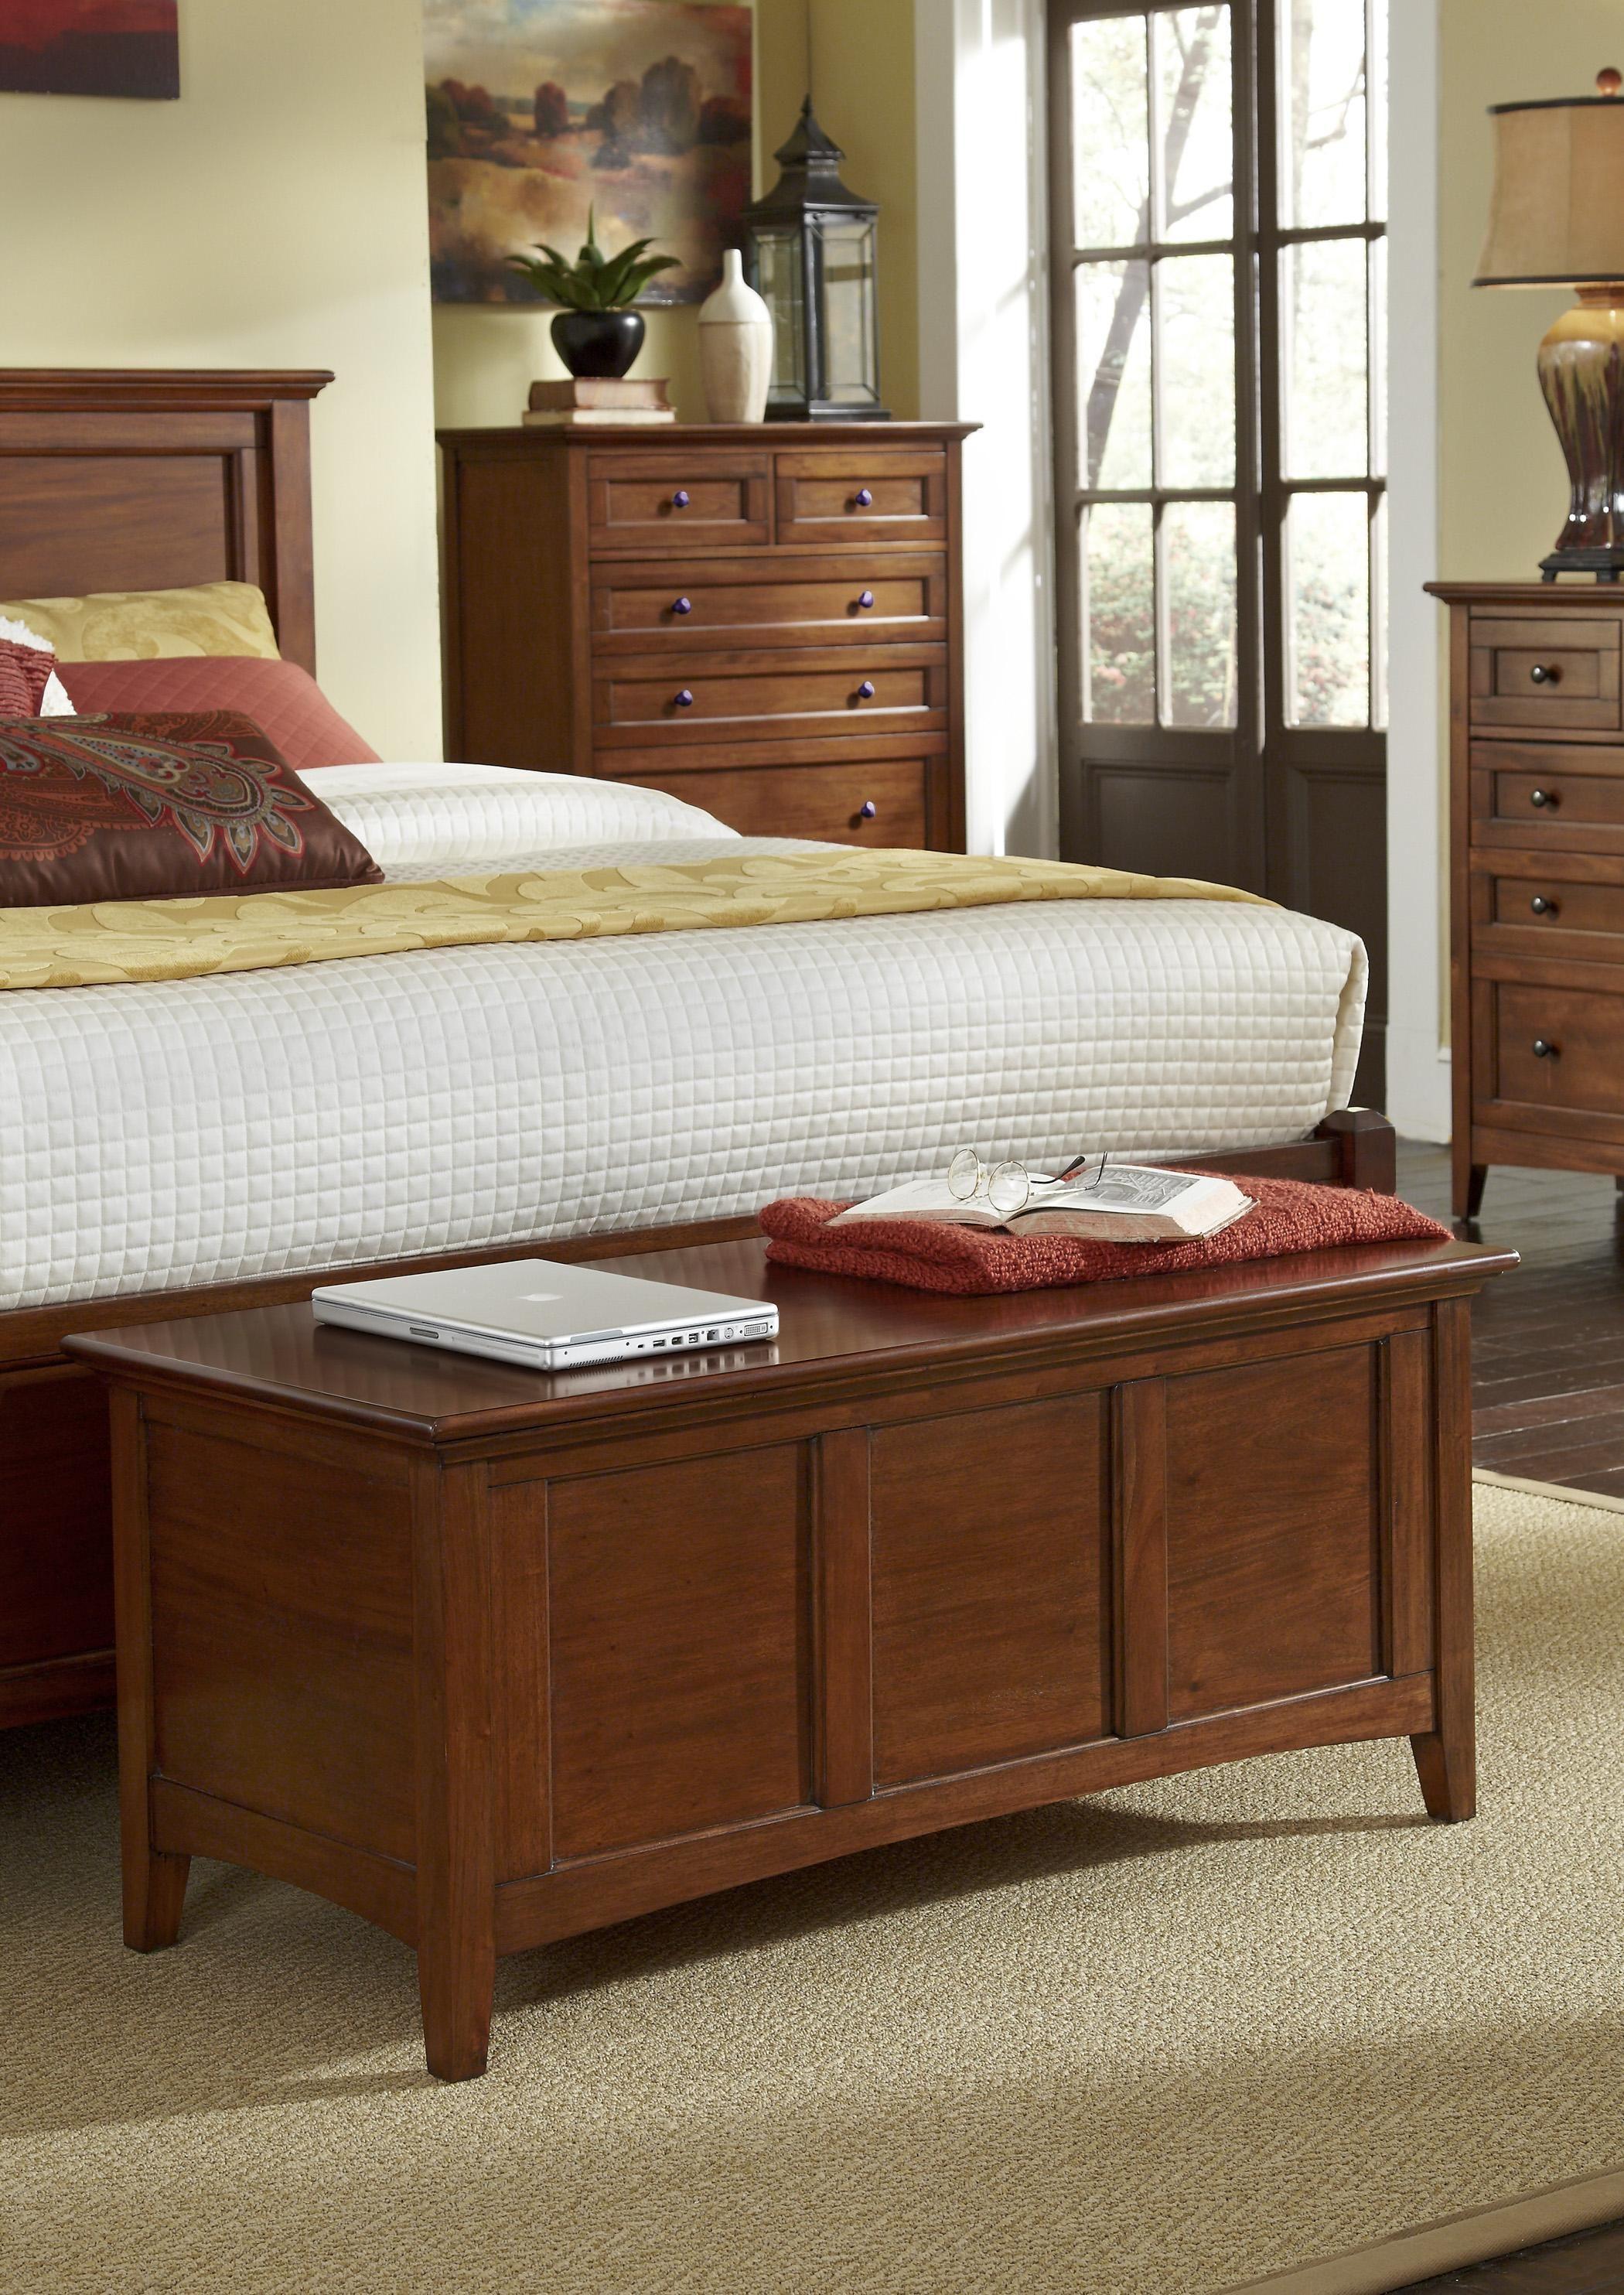 Westlake Cedar Lined Blanket Trunk Bedroom Storage Storage